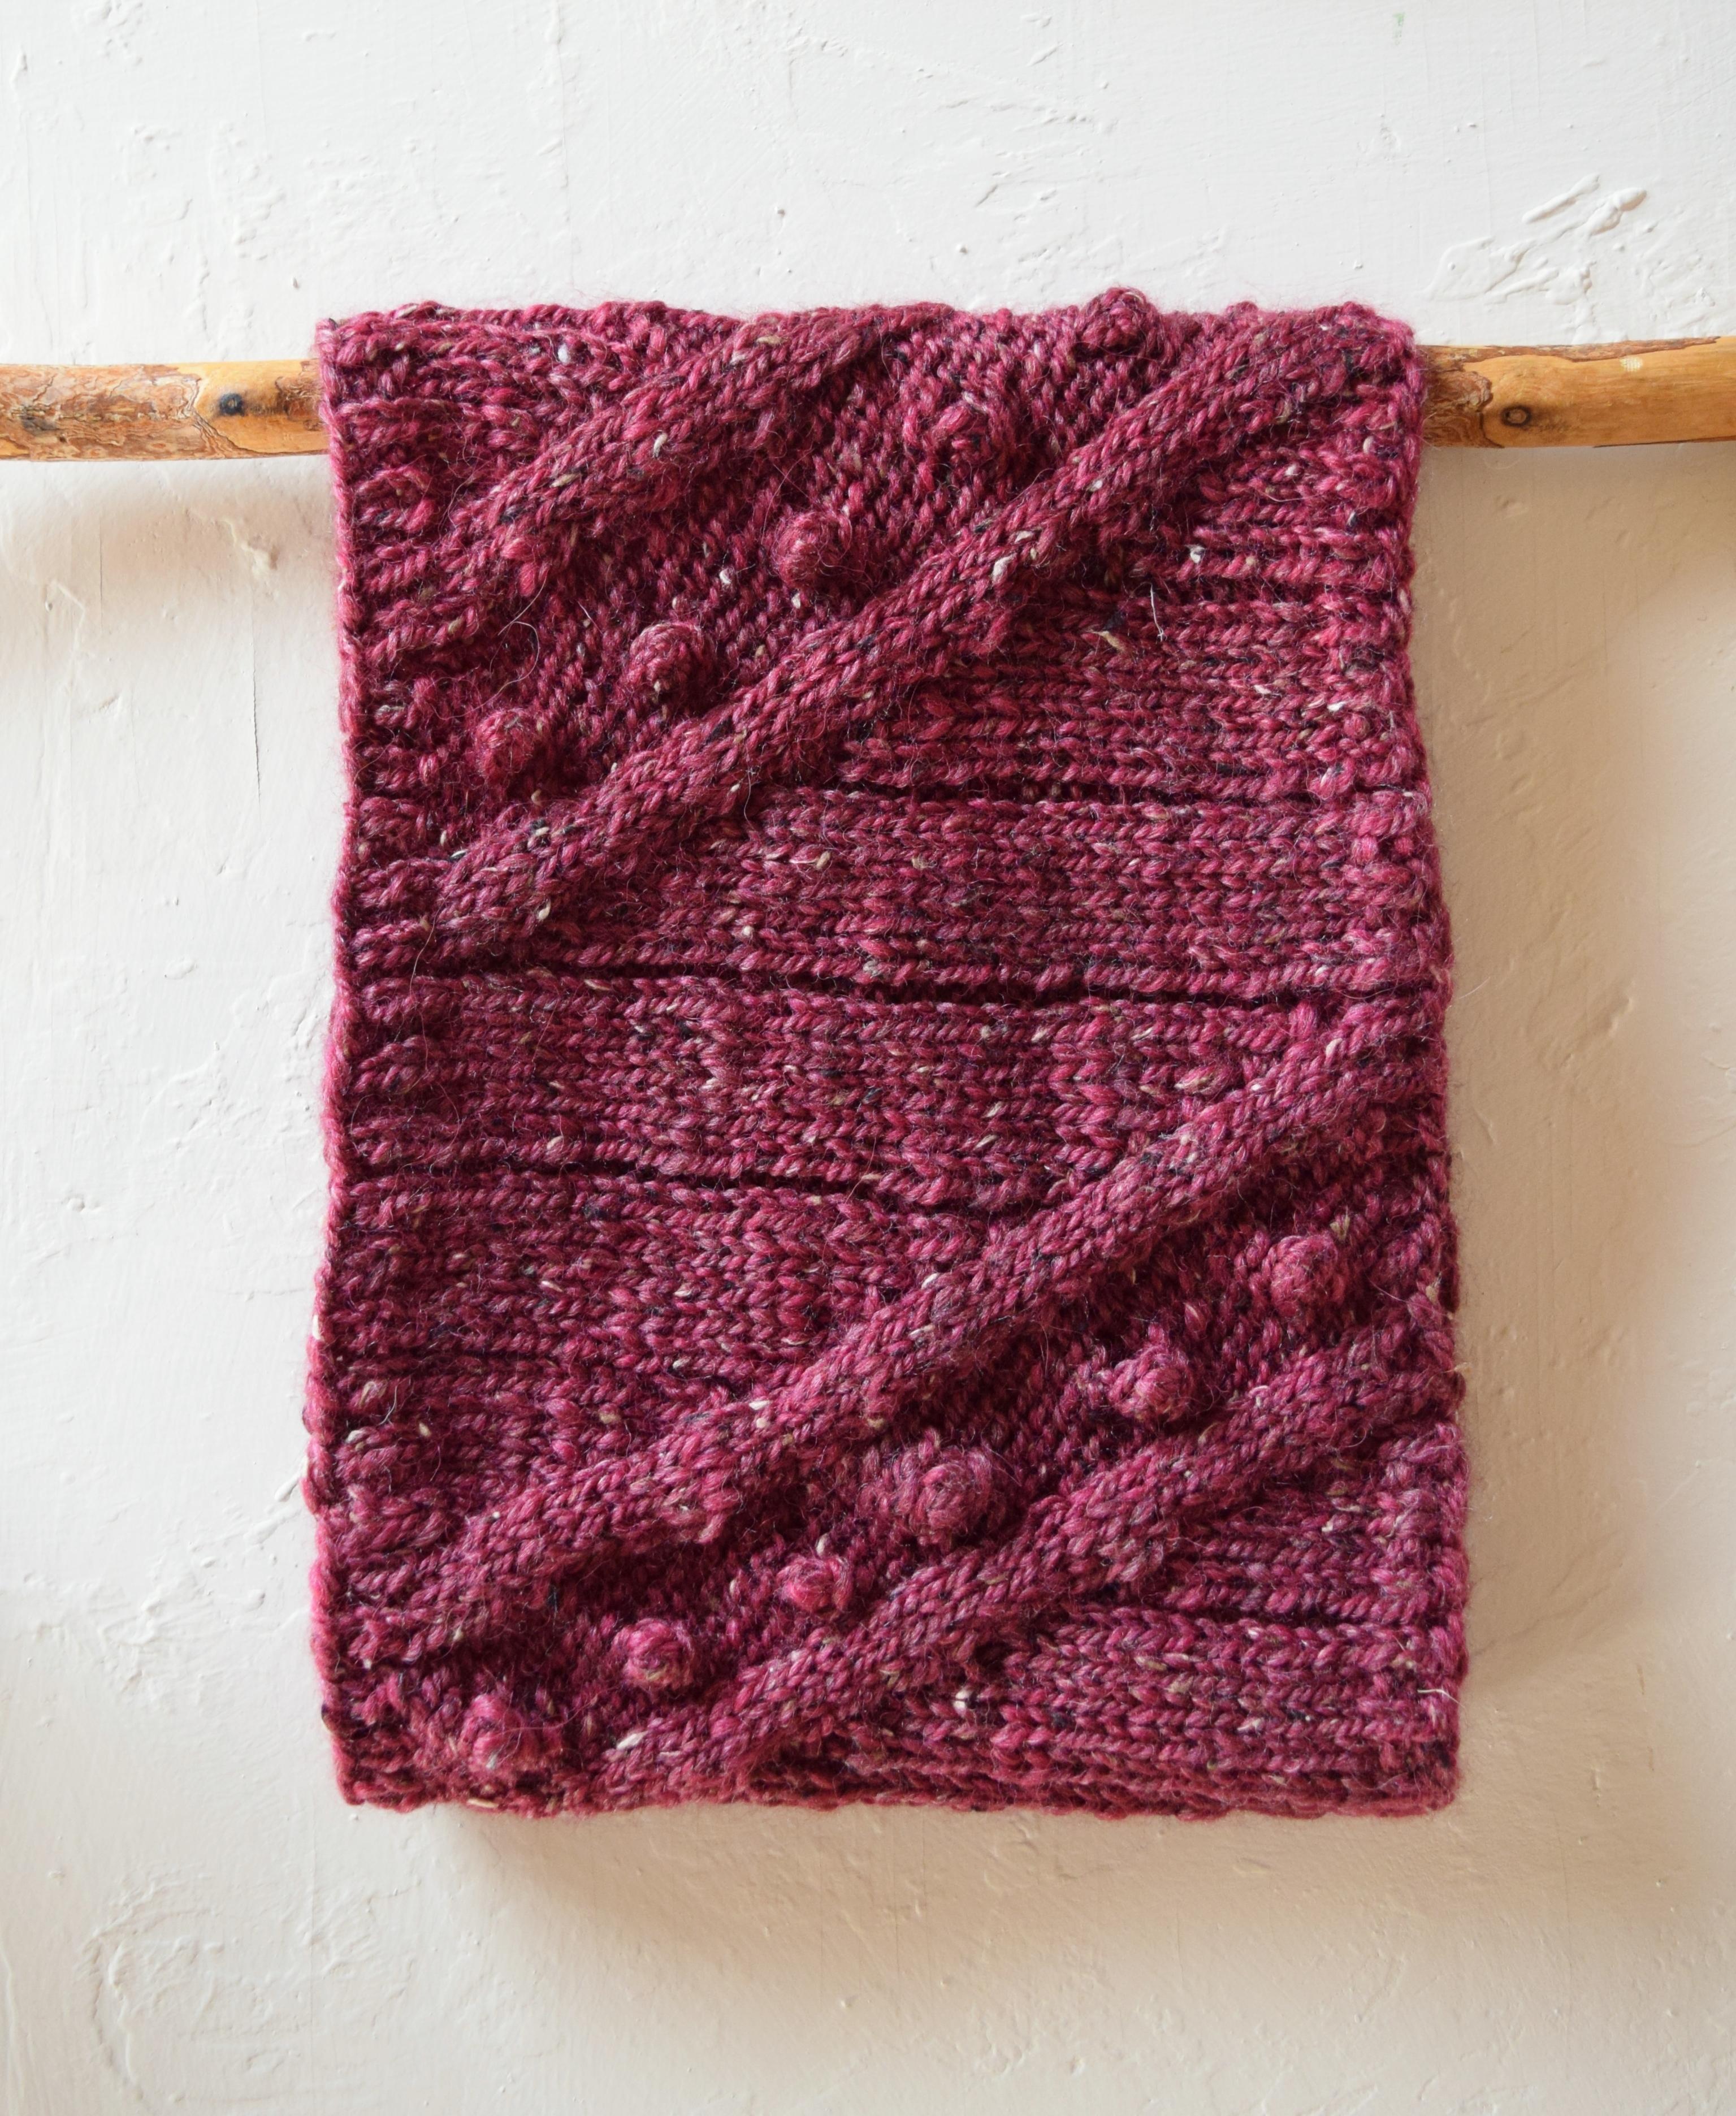 jenjoycedesign© Whorl'd Piece in Inca Tweed